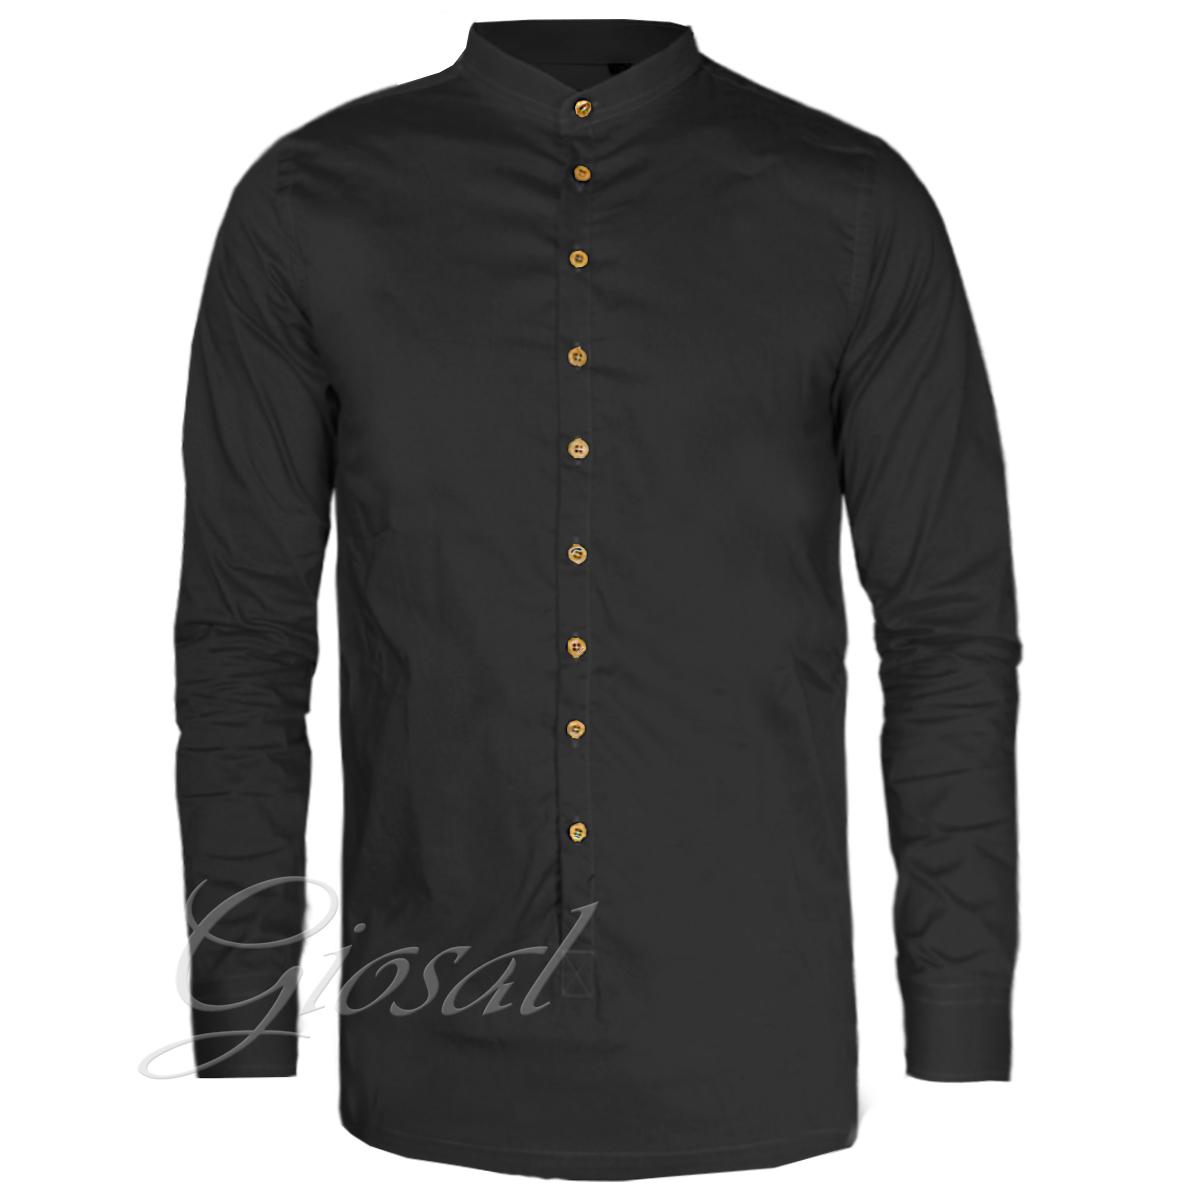 Camicia-Uomo-Over-D-Bottoni-Collo-Coreano-Tinta-Unita-Vari-Colori-Casual-GIOSAL miniatura 5